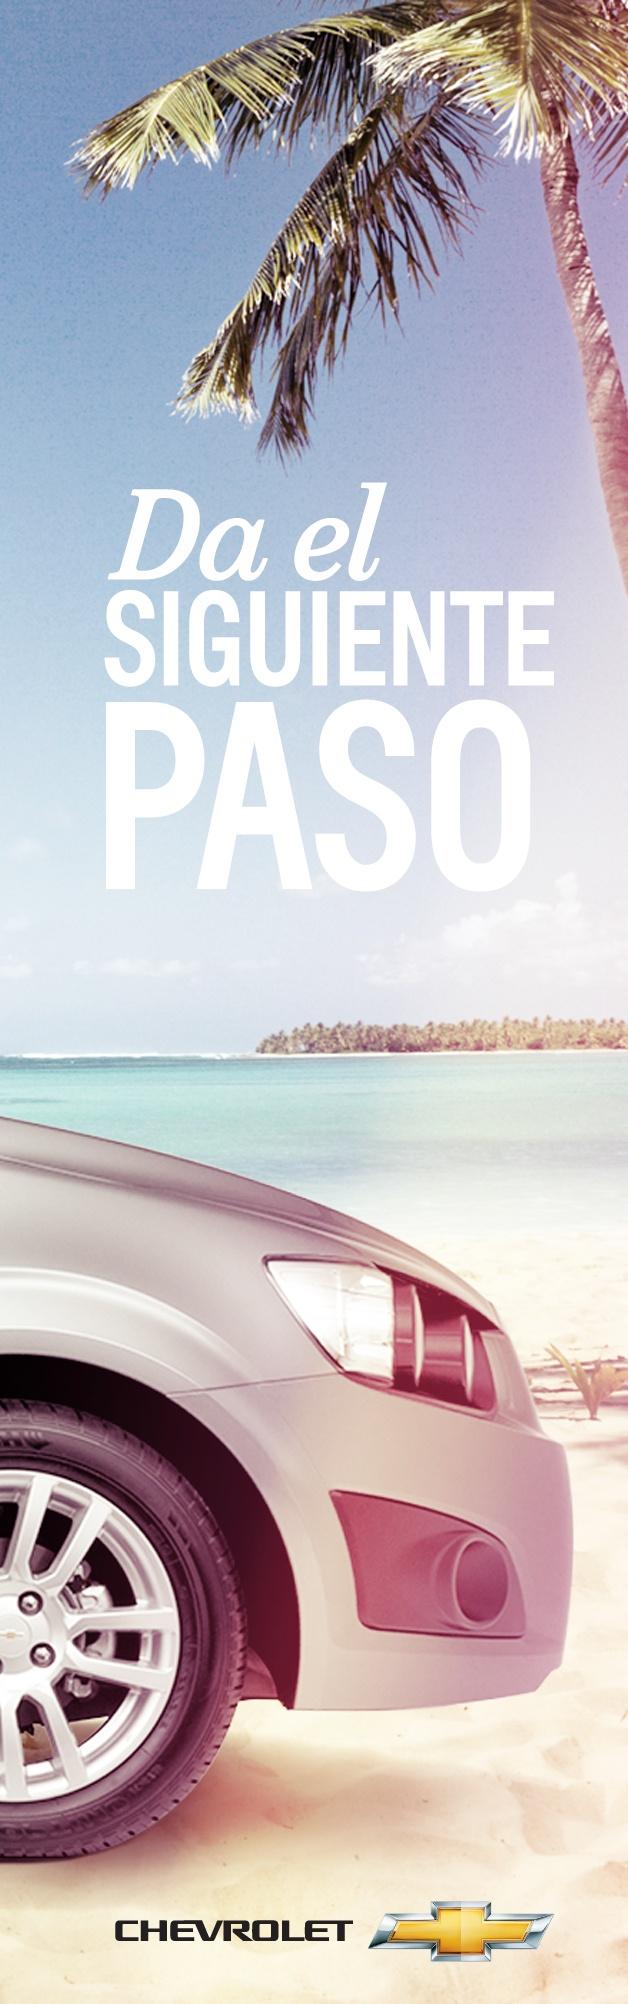 Foto 4. Completa la imagen y descubre más formas de vivir la aventura. #ChevroletSonicLlego